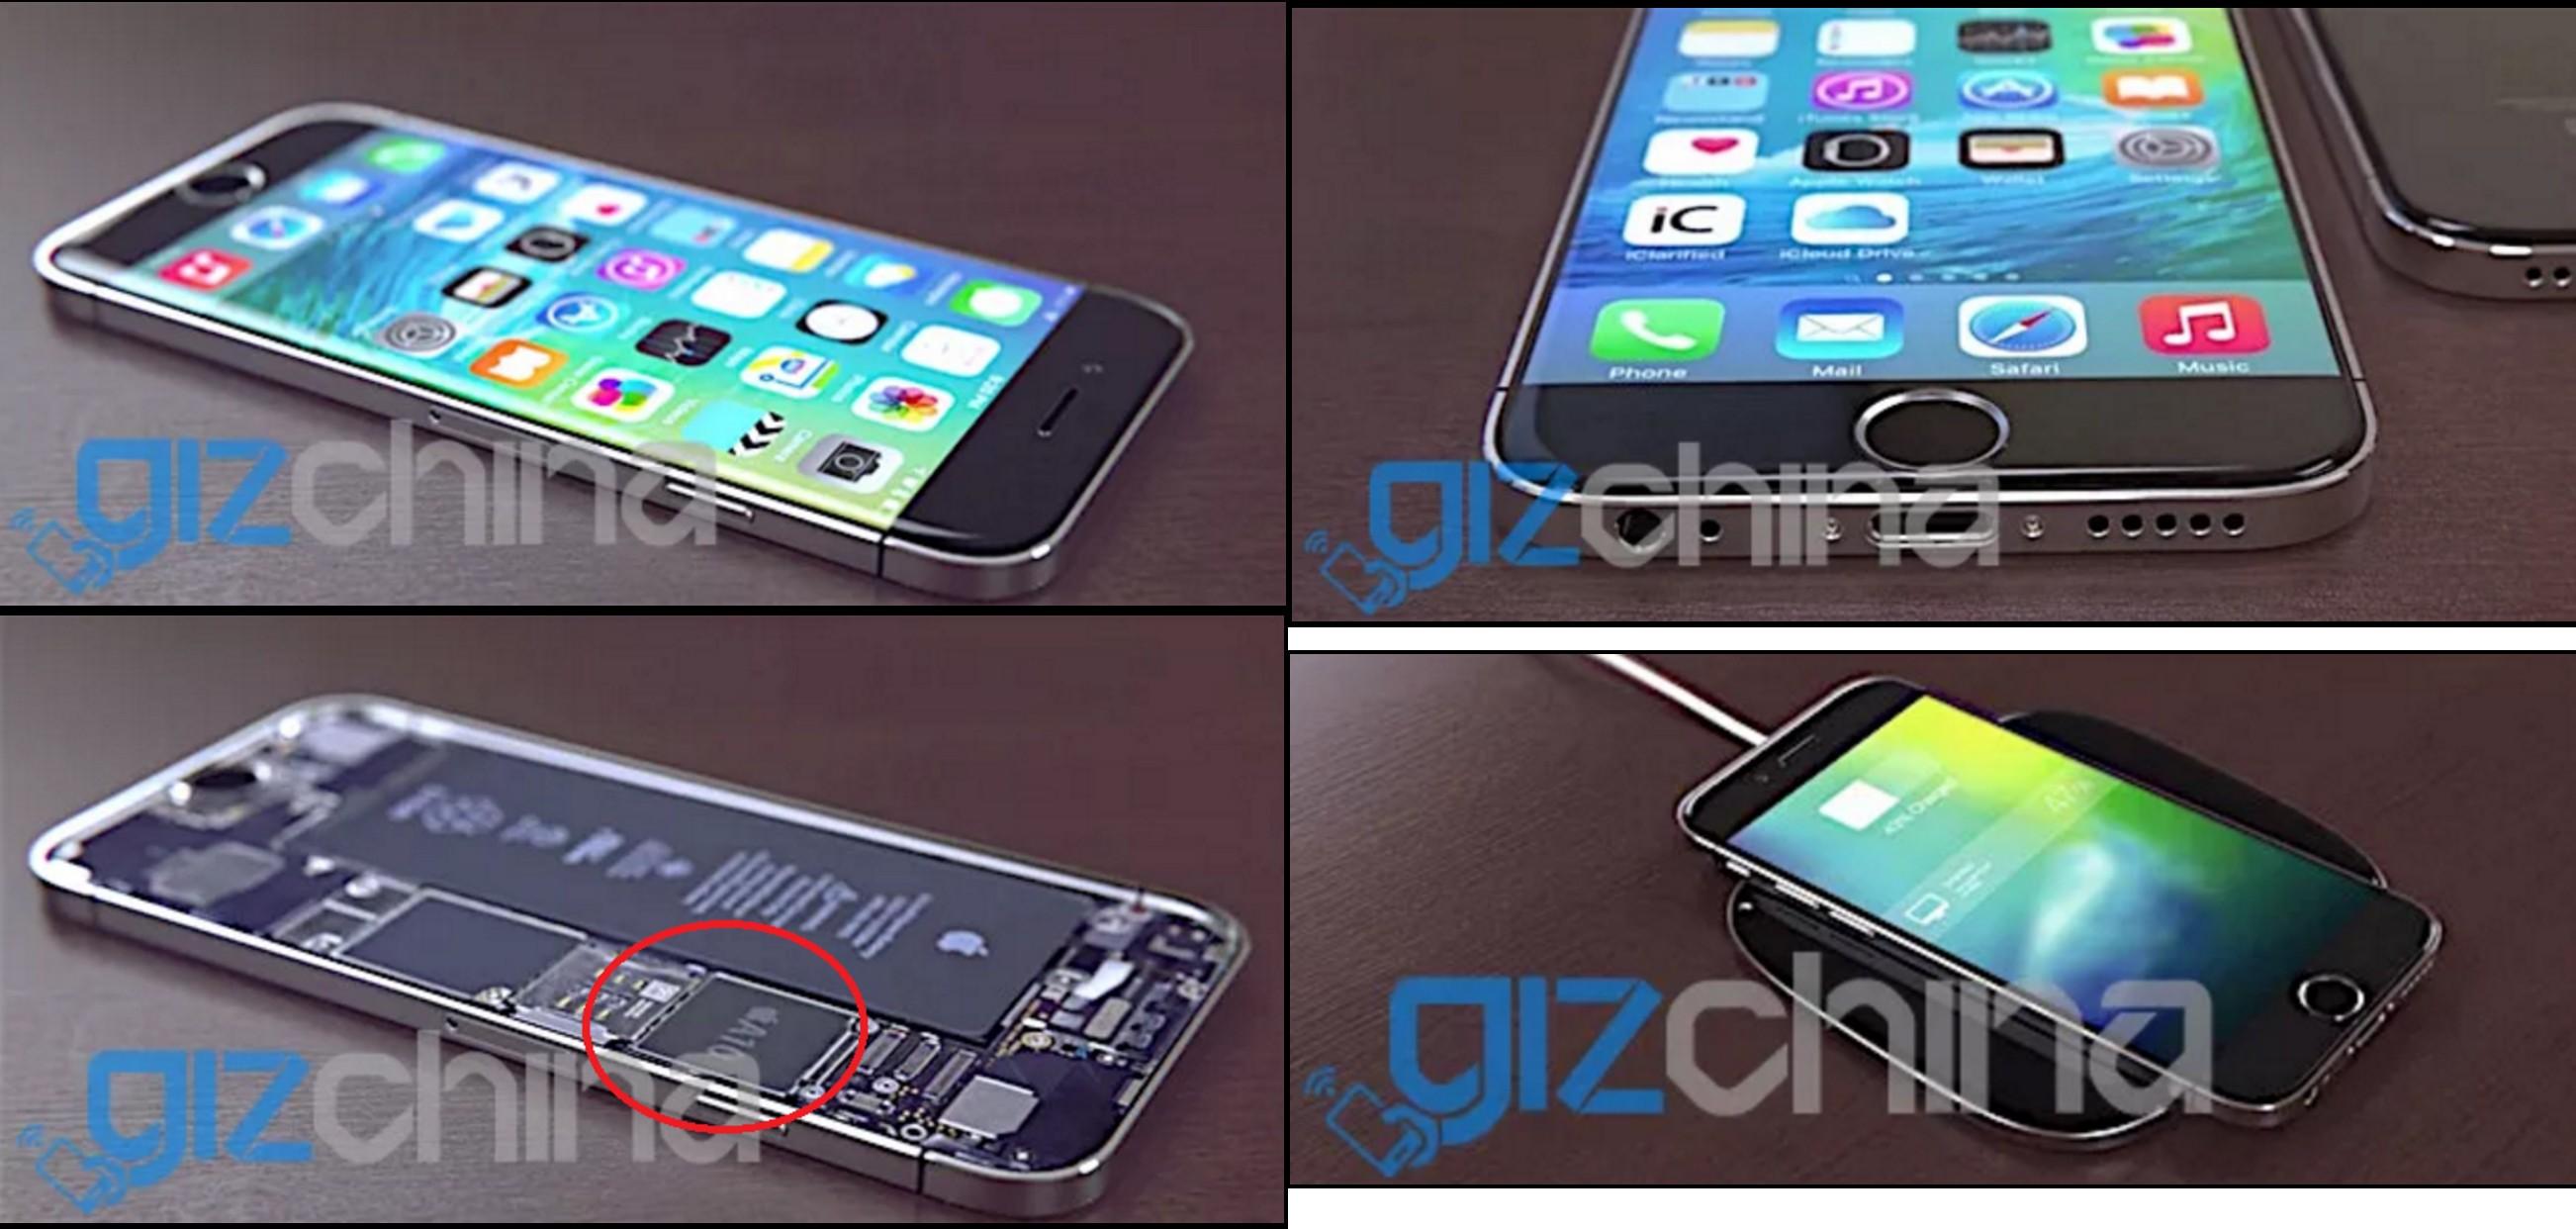 iPhone 7 - Chuỗi cung ứng của Apple hé lộ hình ảnh iPhone 7?